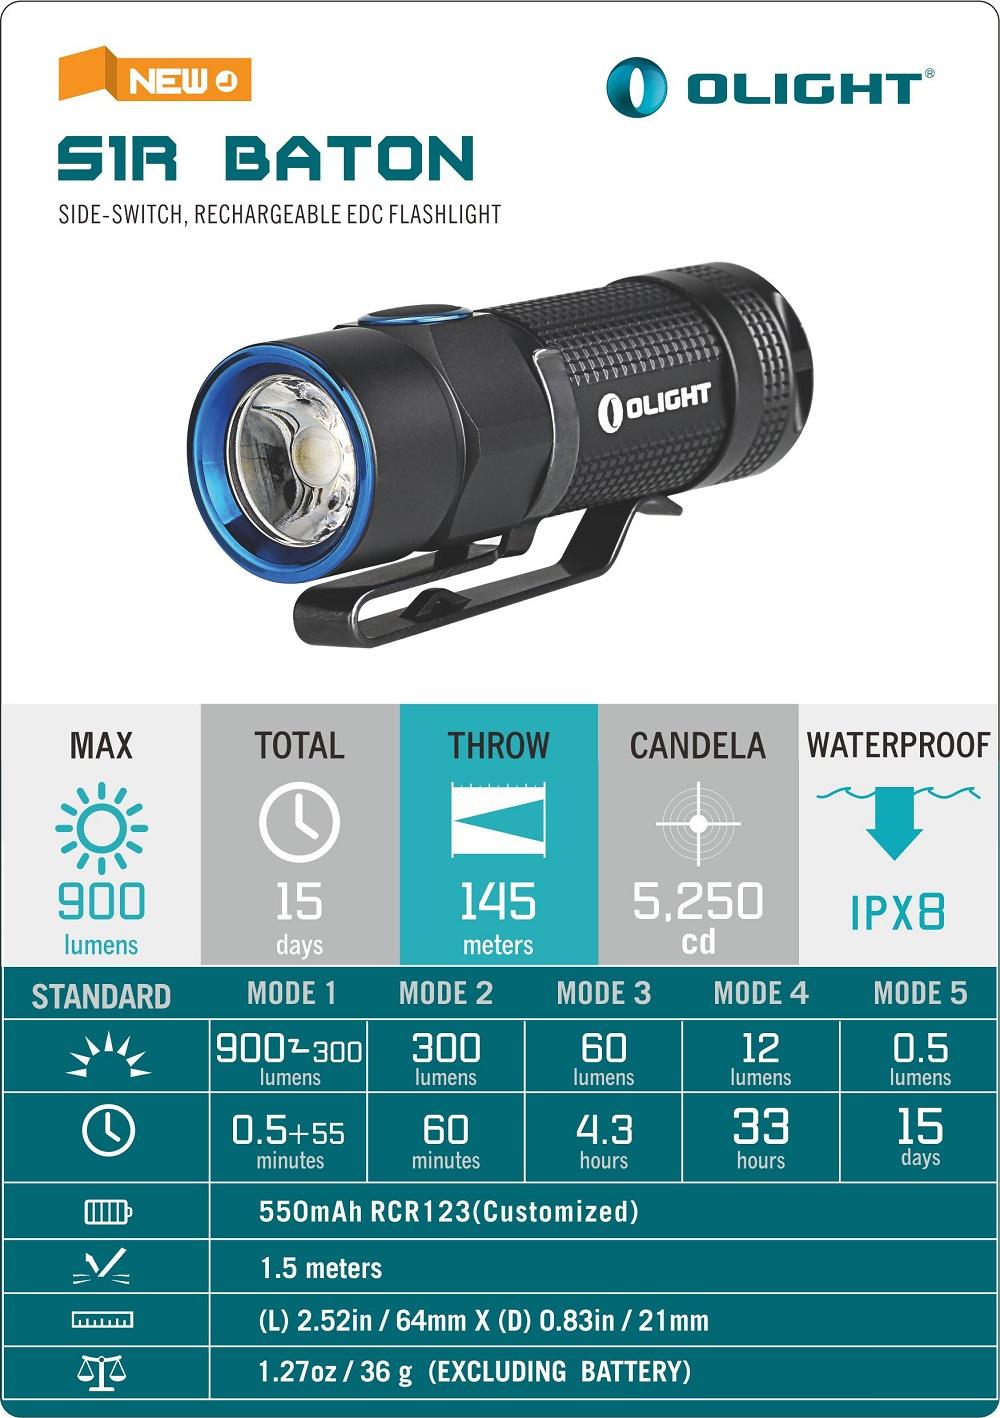 Especificaciones de la linterna recargable Olight S1R Baton.